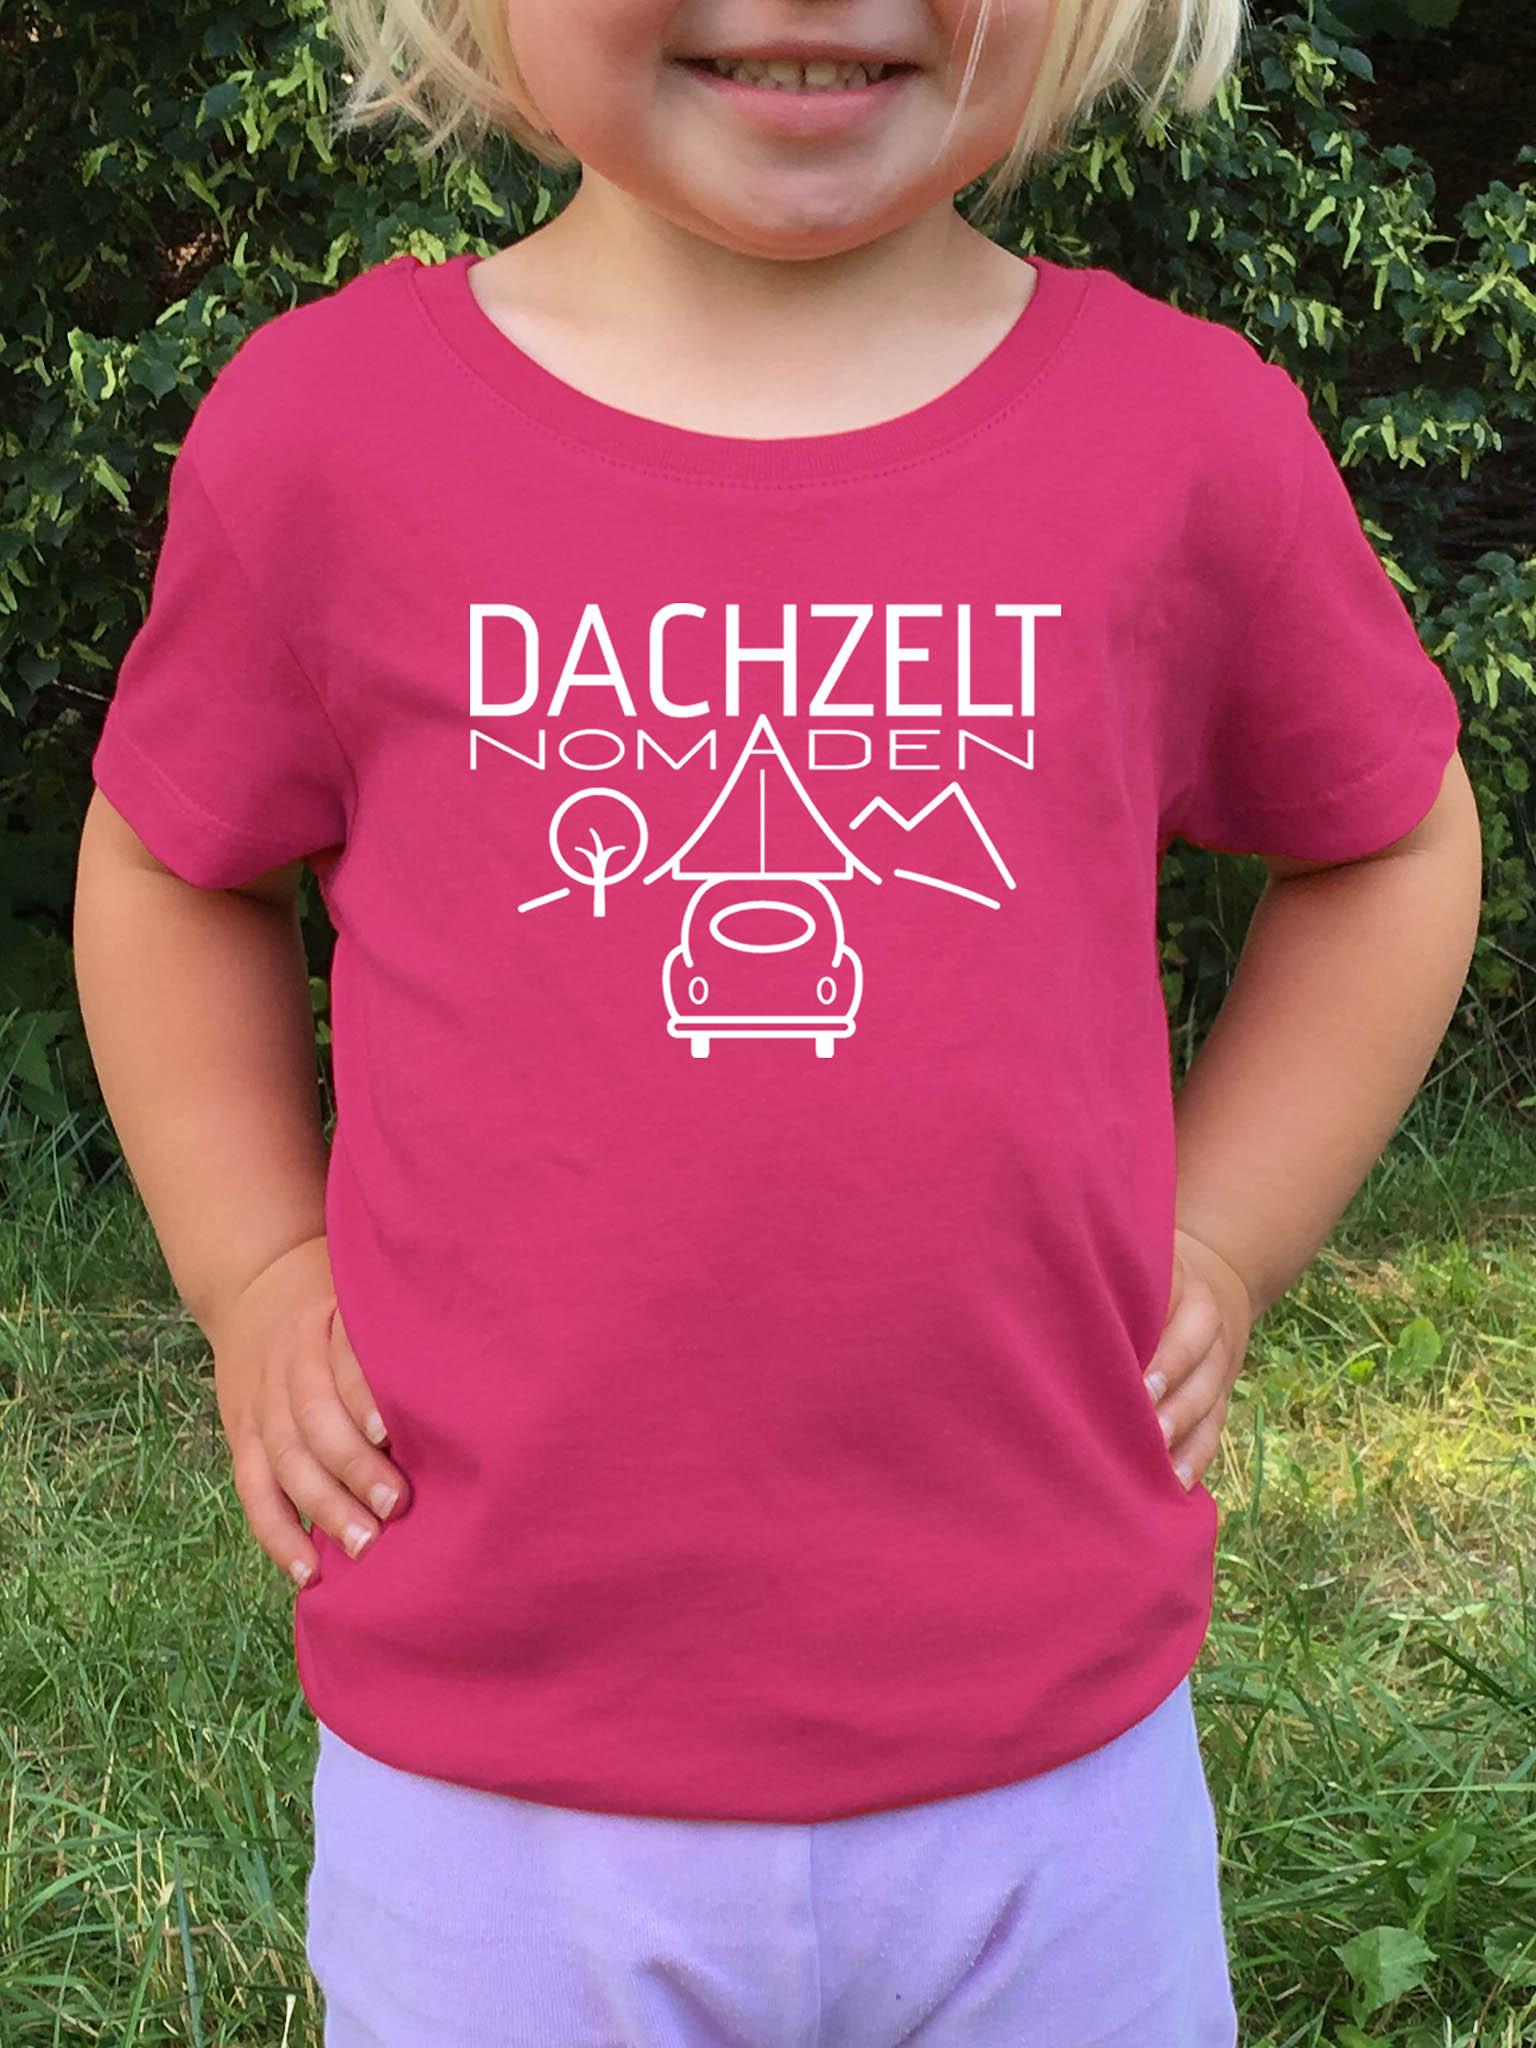 20180604_5470_IMG_6964-dachzeltnomaden-t-shirt-raspery-logo-1.jpg